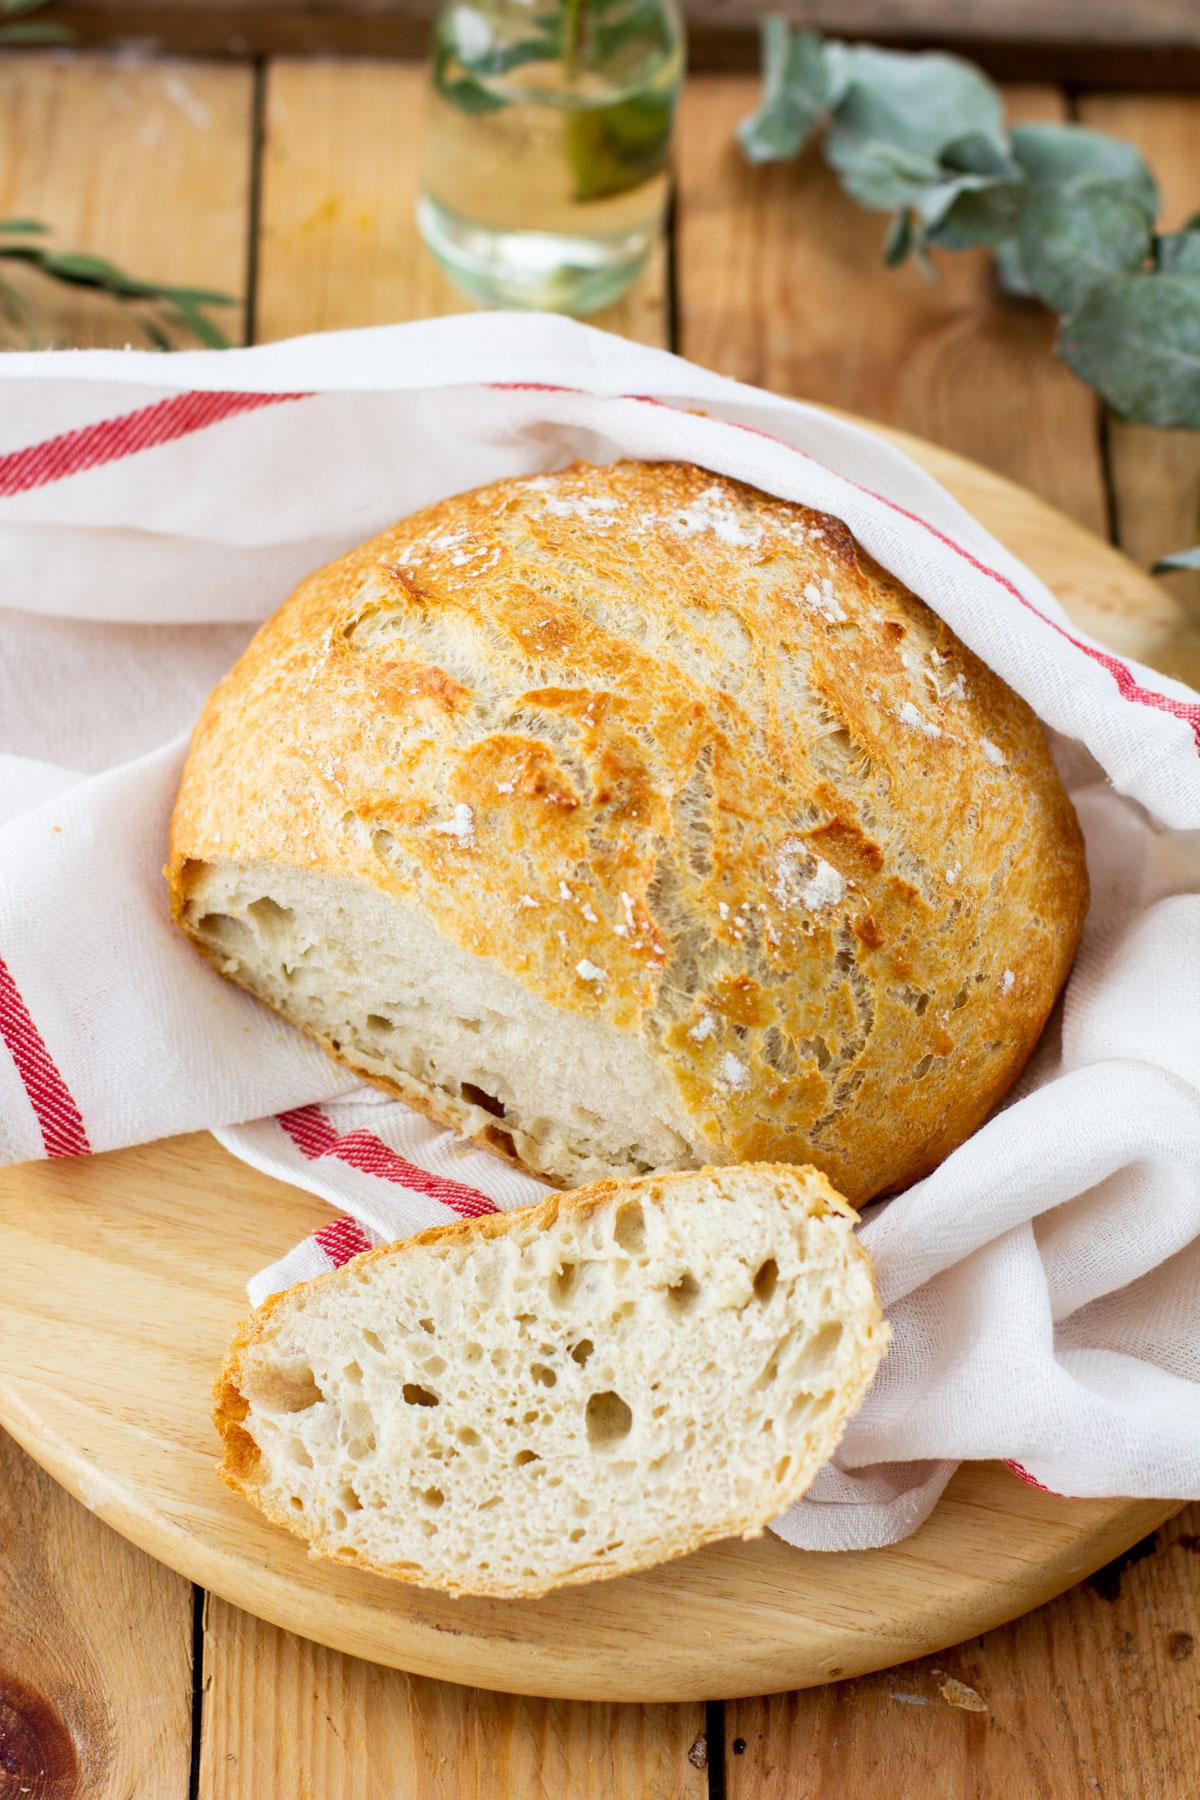 Siivuiksi leikattu ilmava leipä